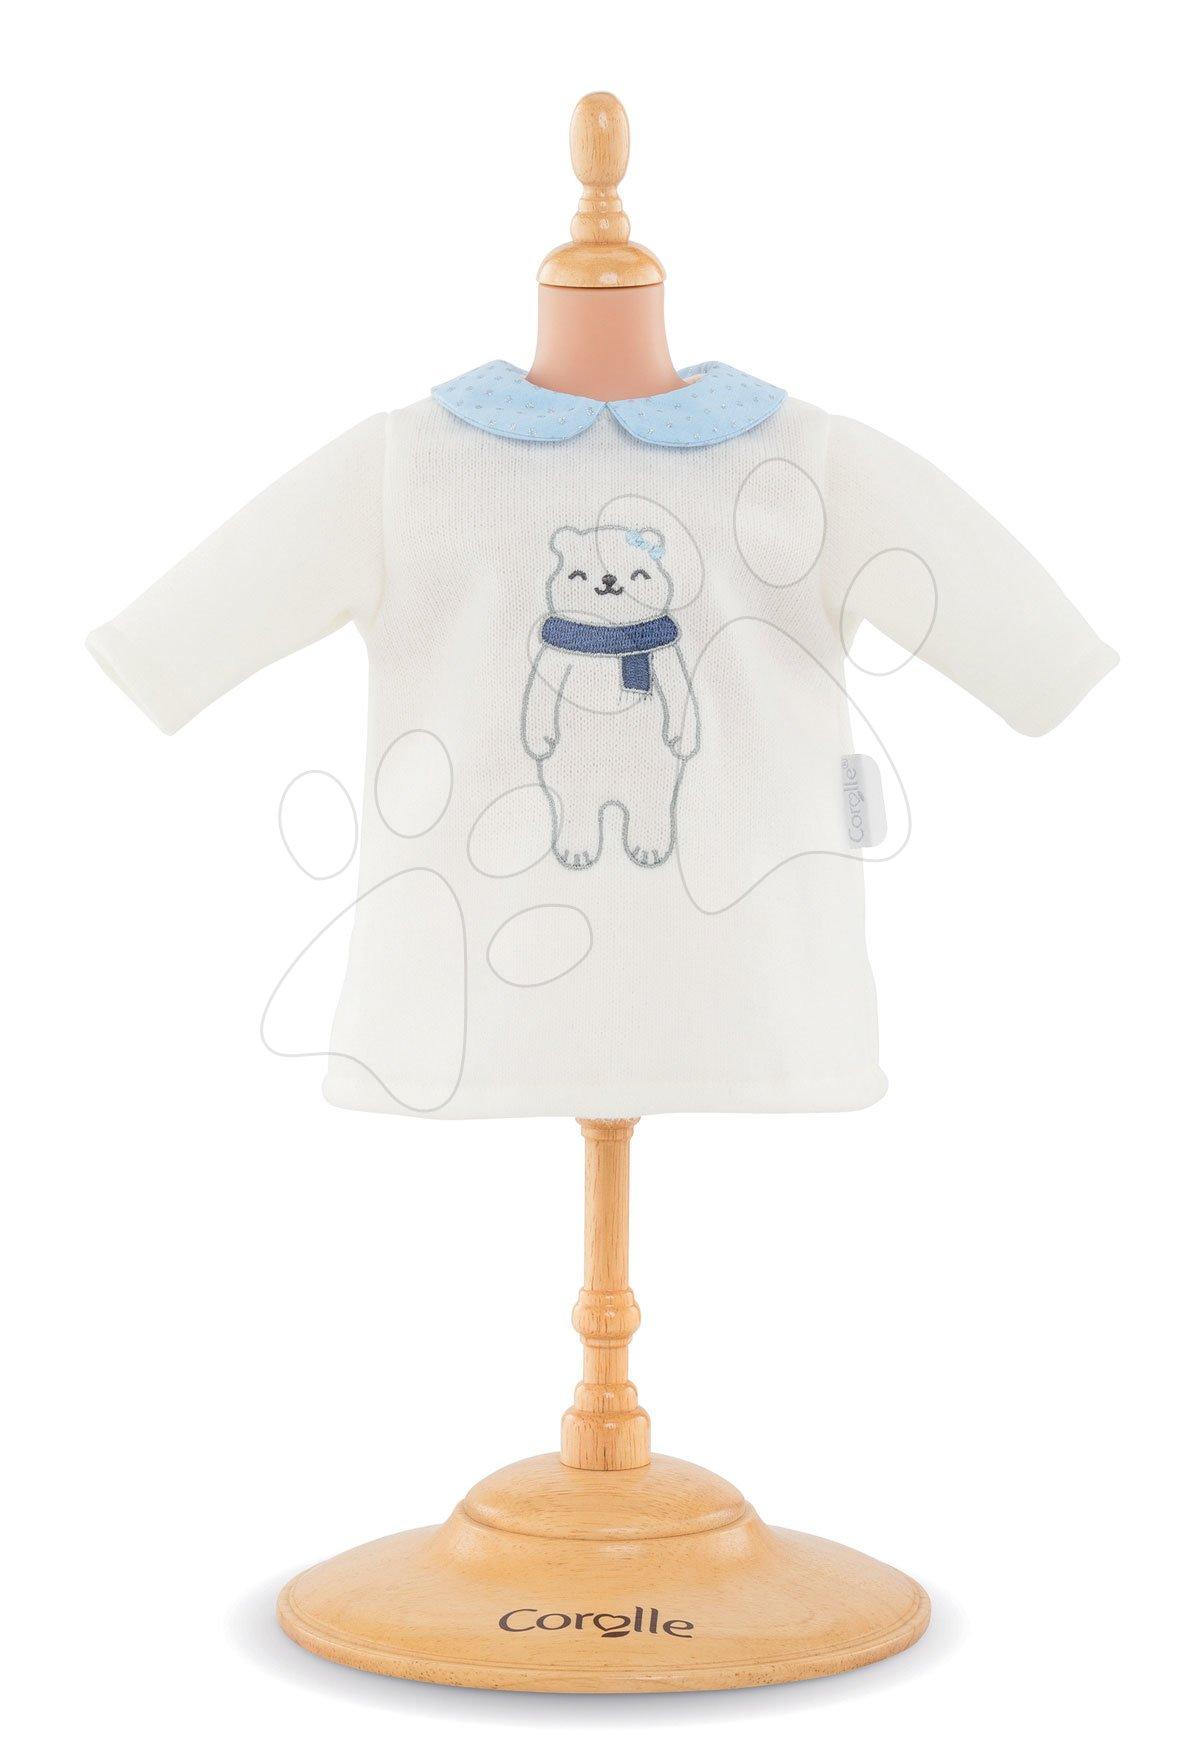 Oblečenie Dress Winter Sparkle Corolle pre 30 cm bábiku od 18 mes